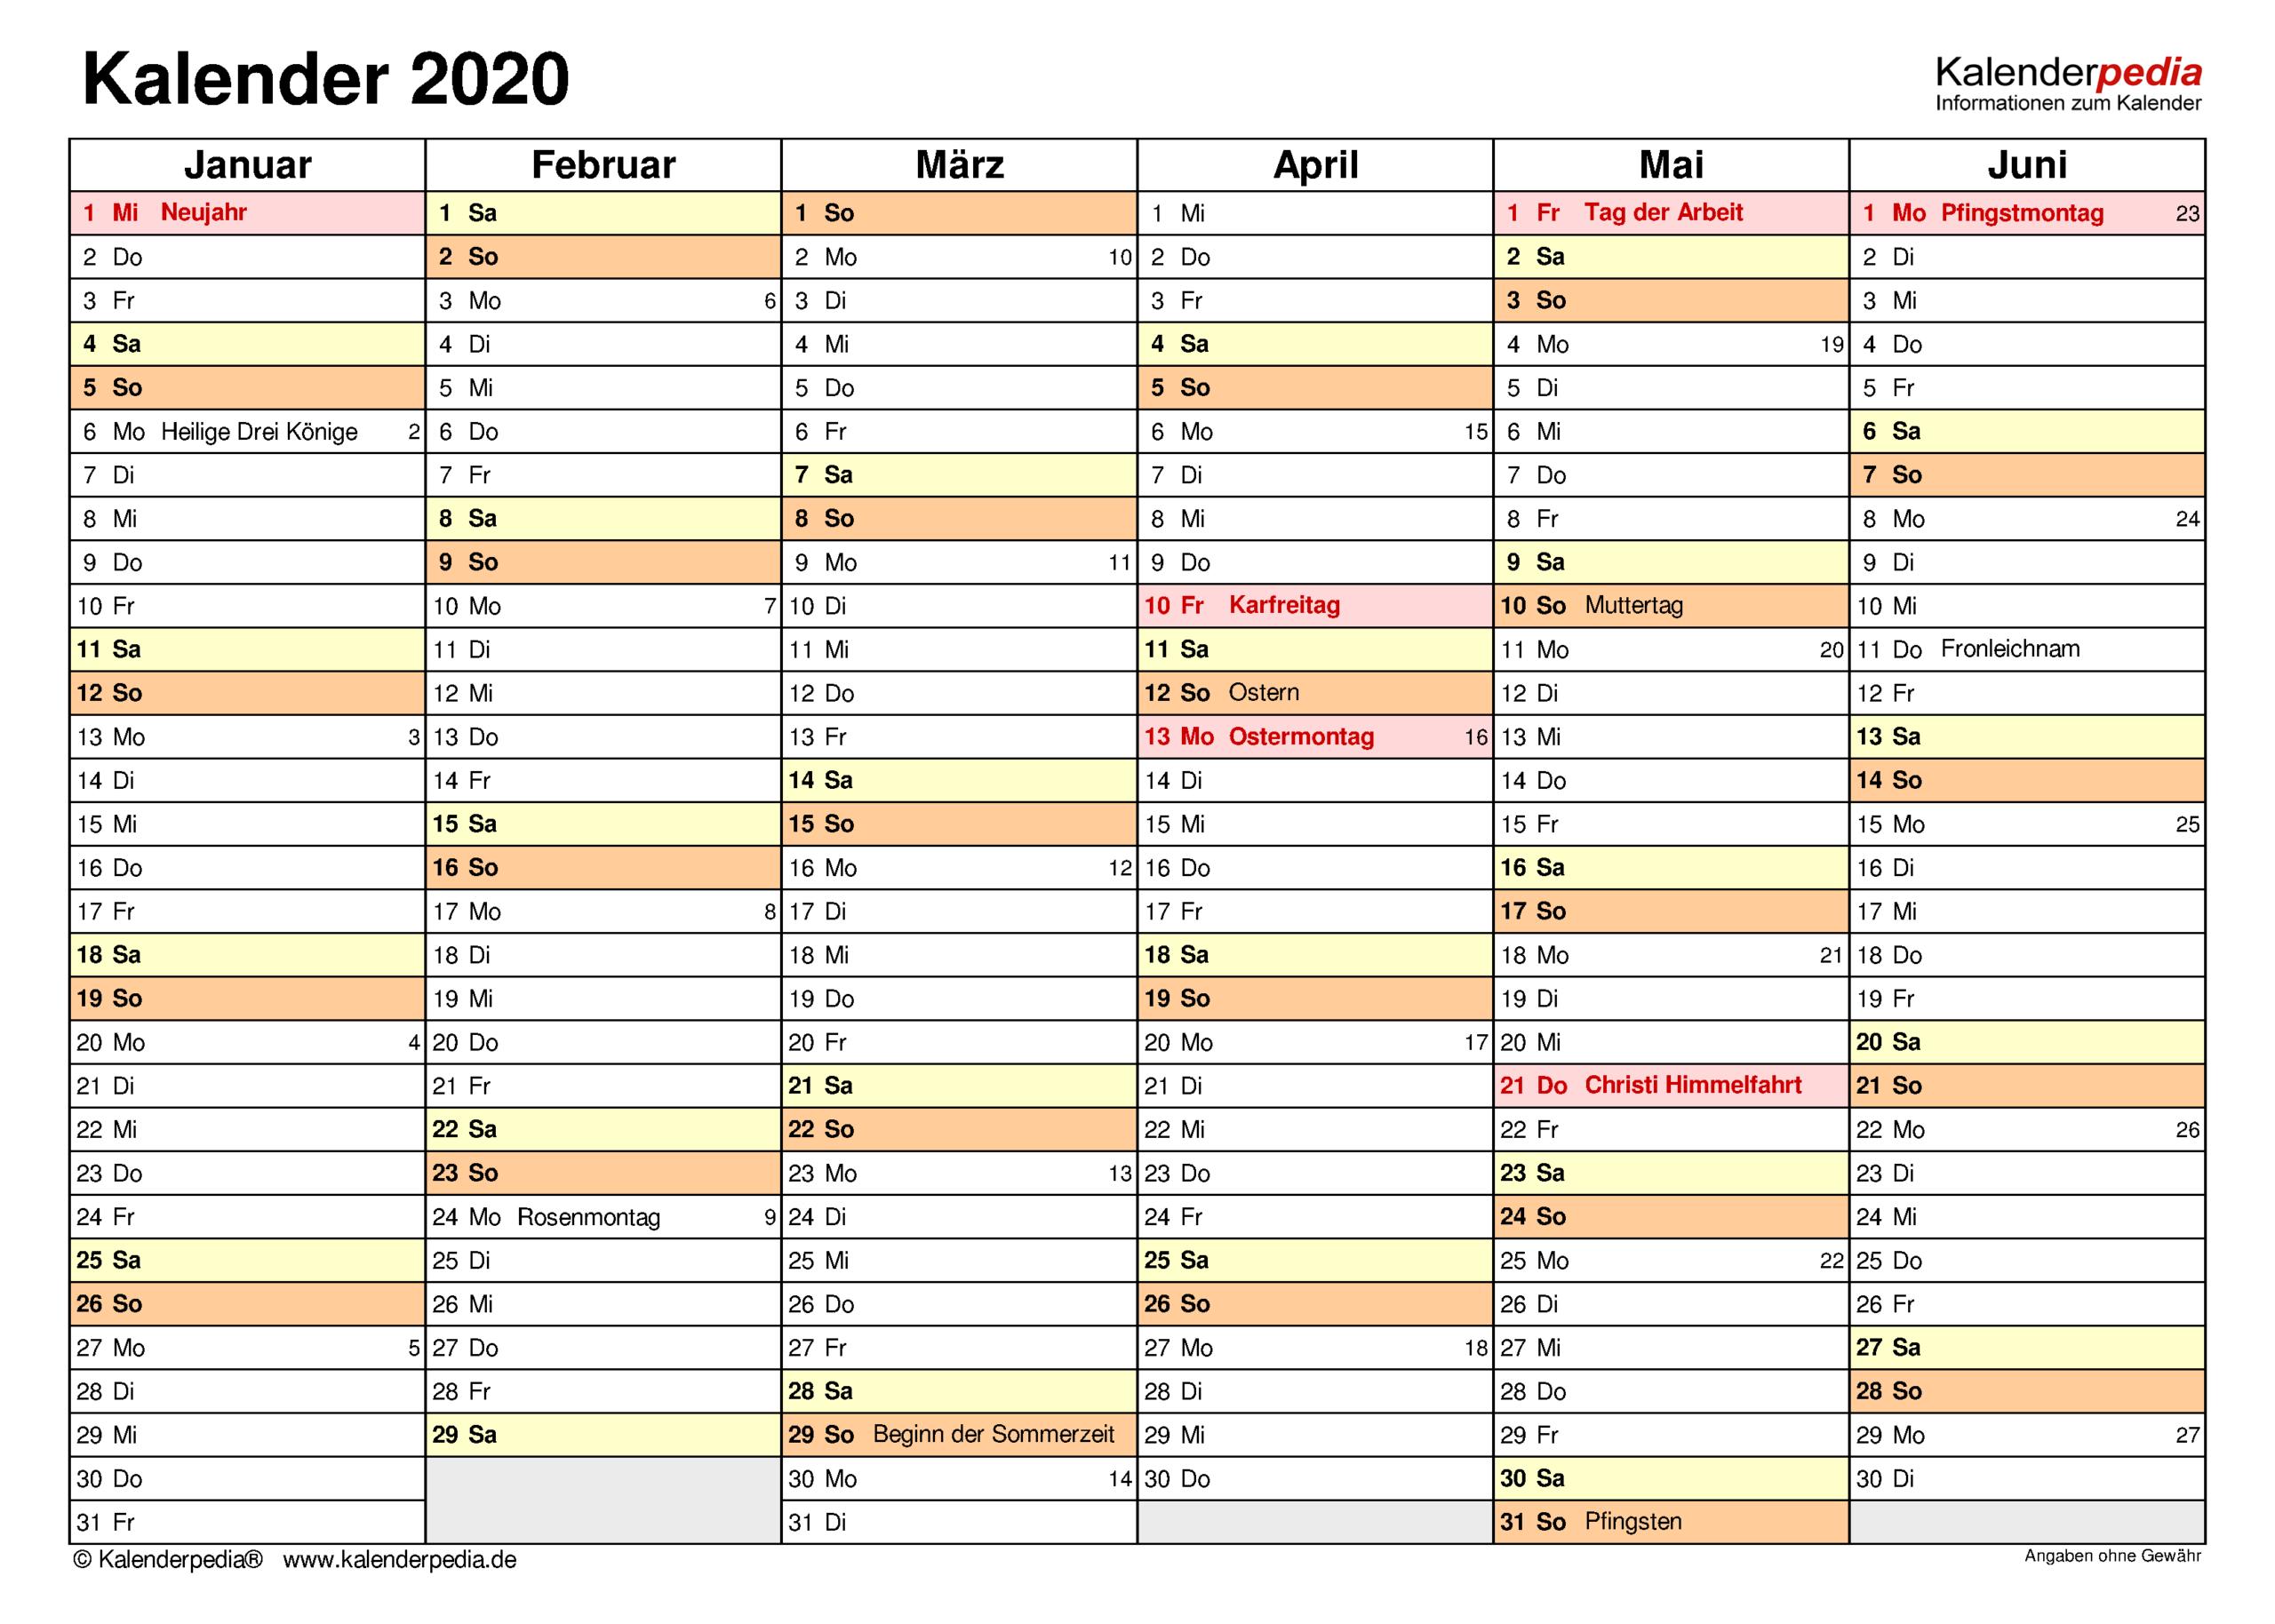 Kalender 2021 Din A4 Kostenlos Zum Ausdrucken : Kalender-Kalender 2021 Planer Zum Ausdrucken